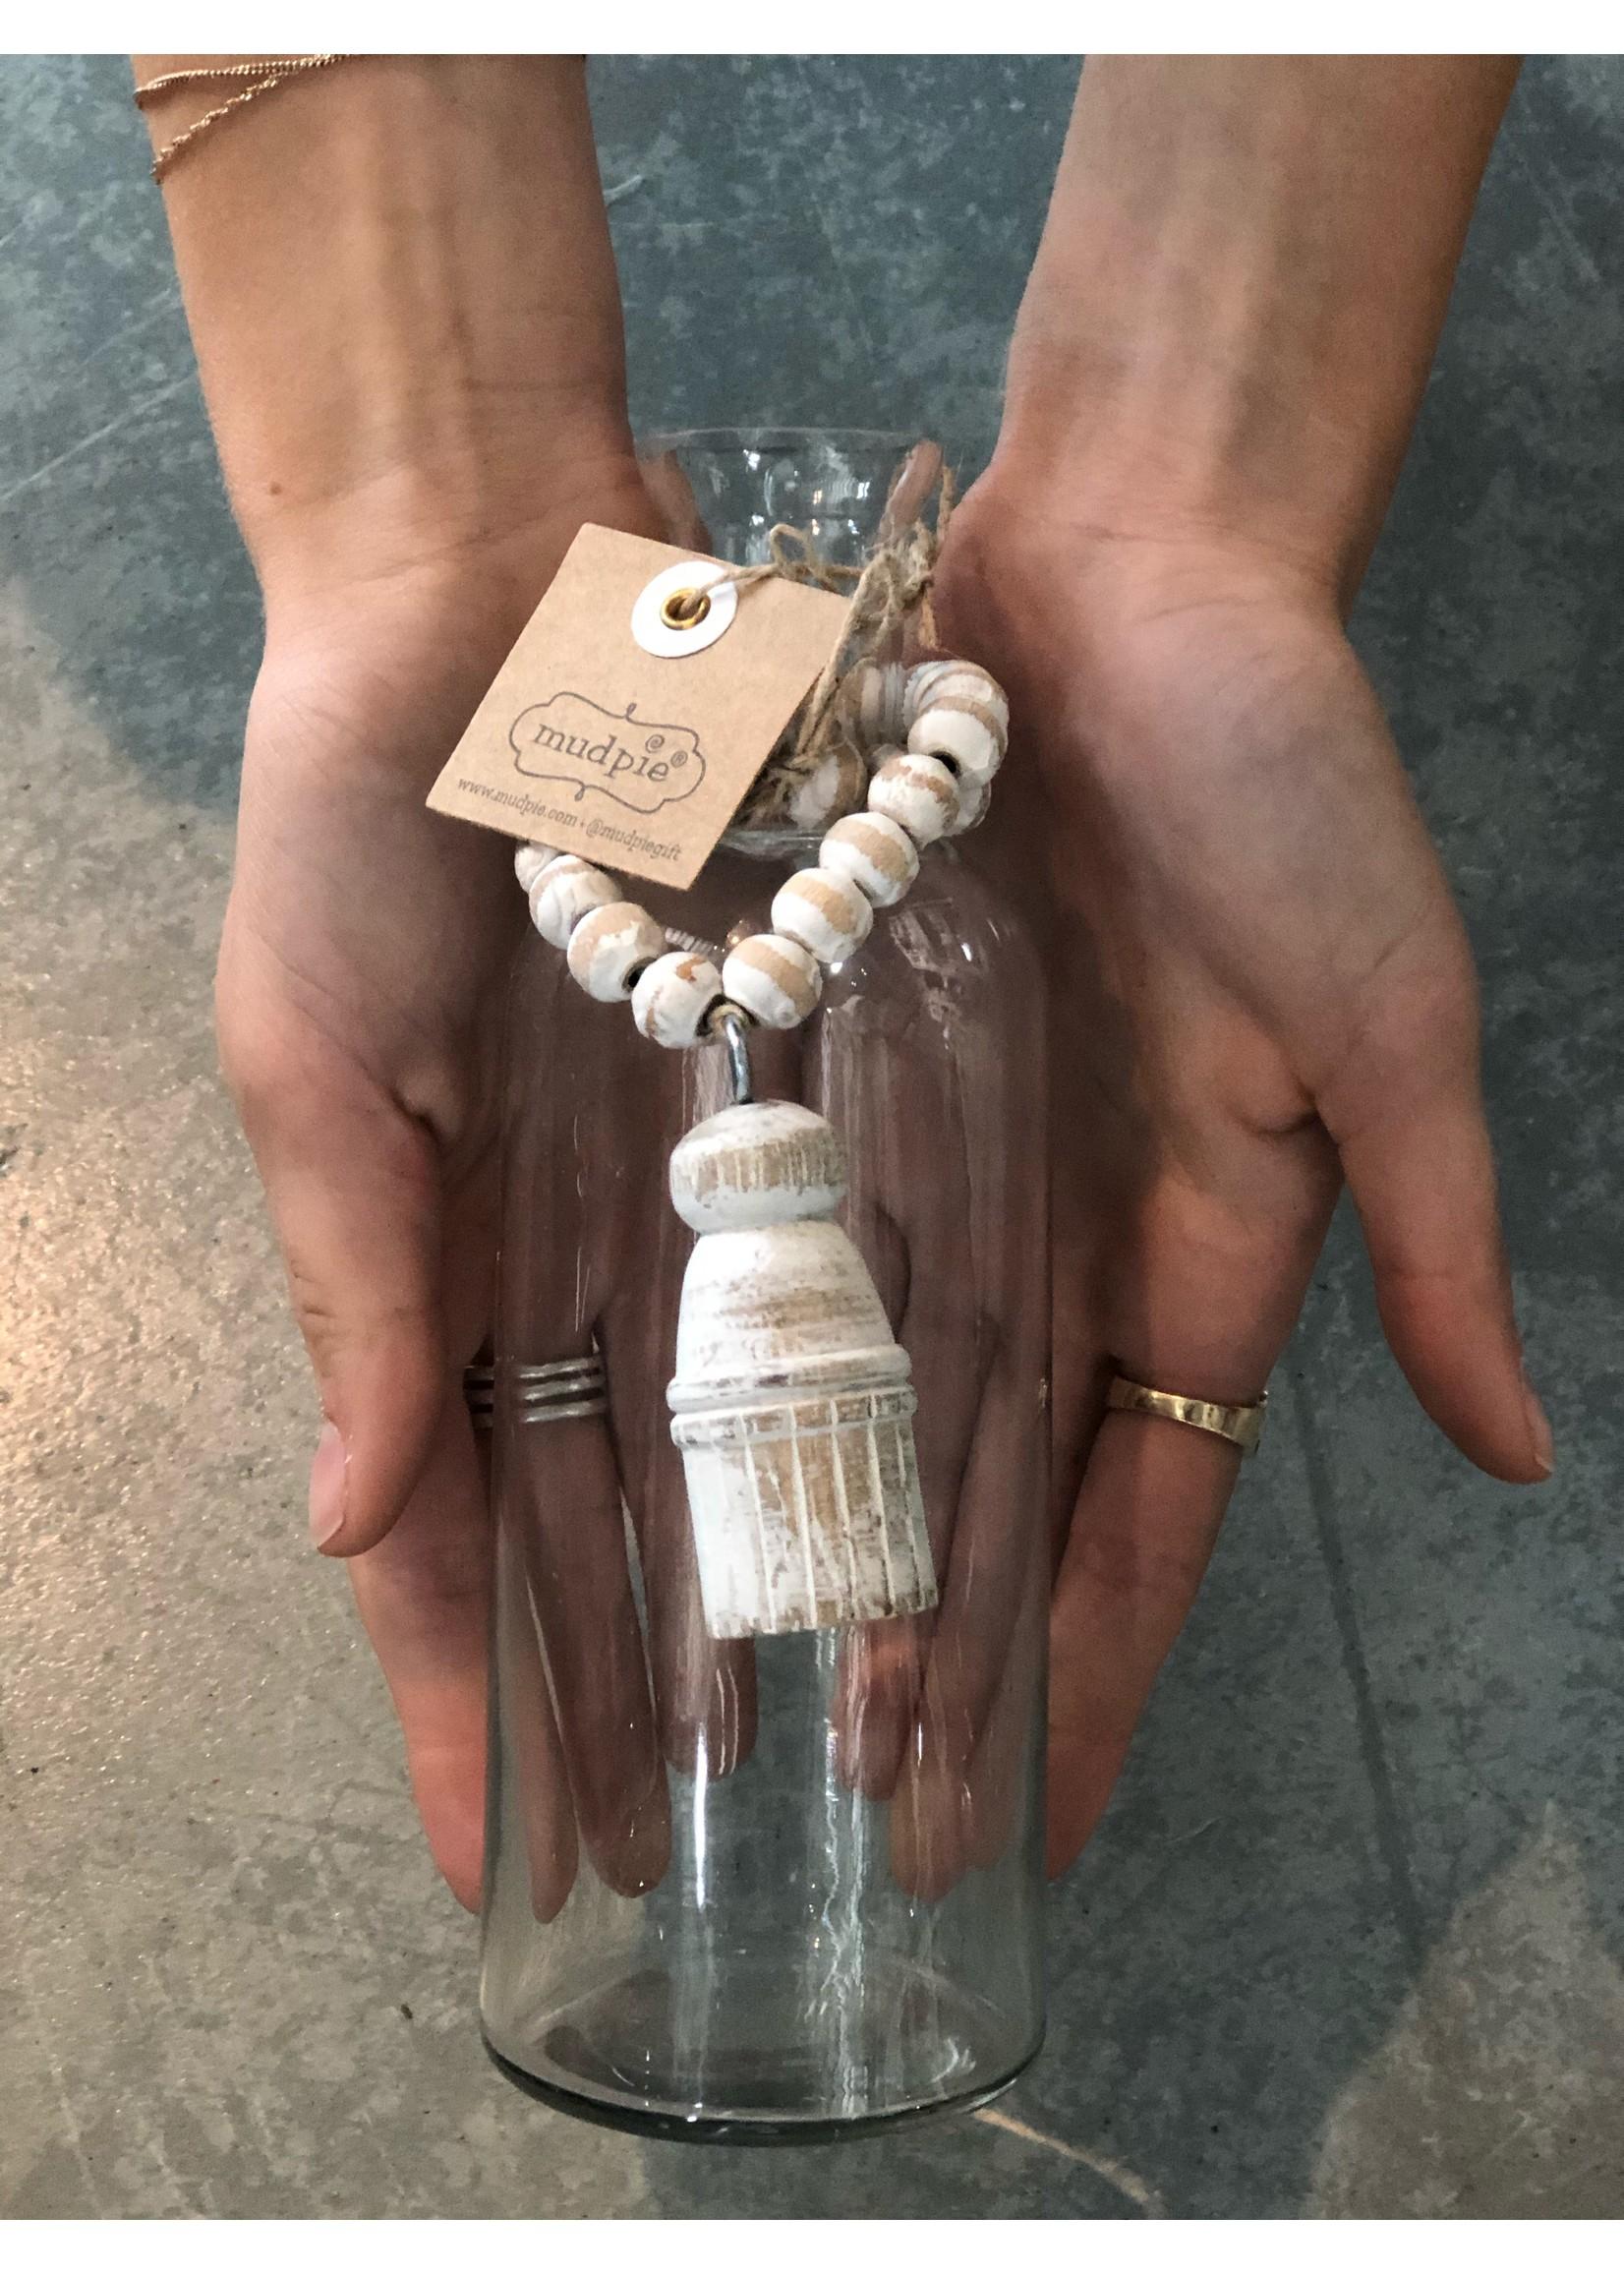 Mud Pie Tassle Bud Vase with Beads